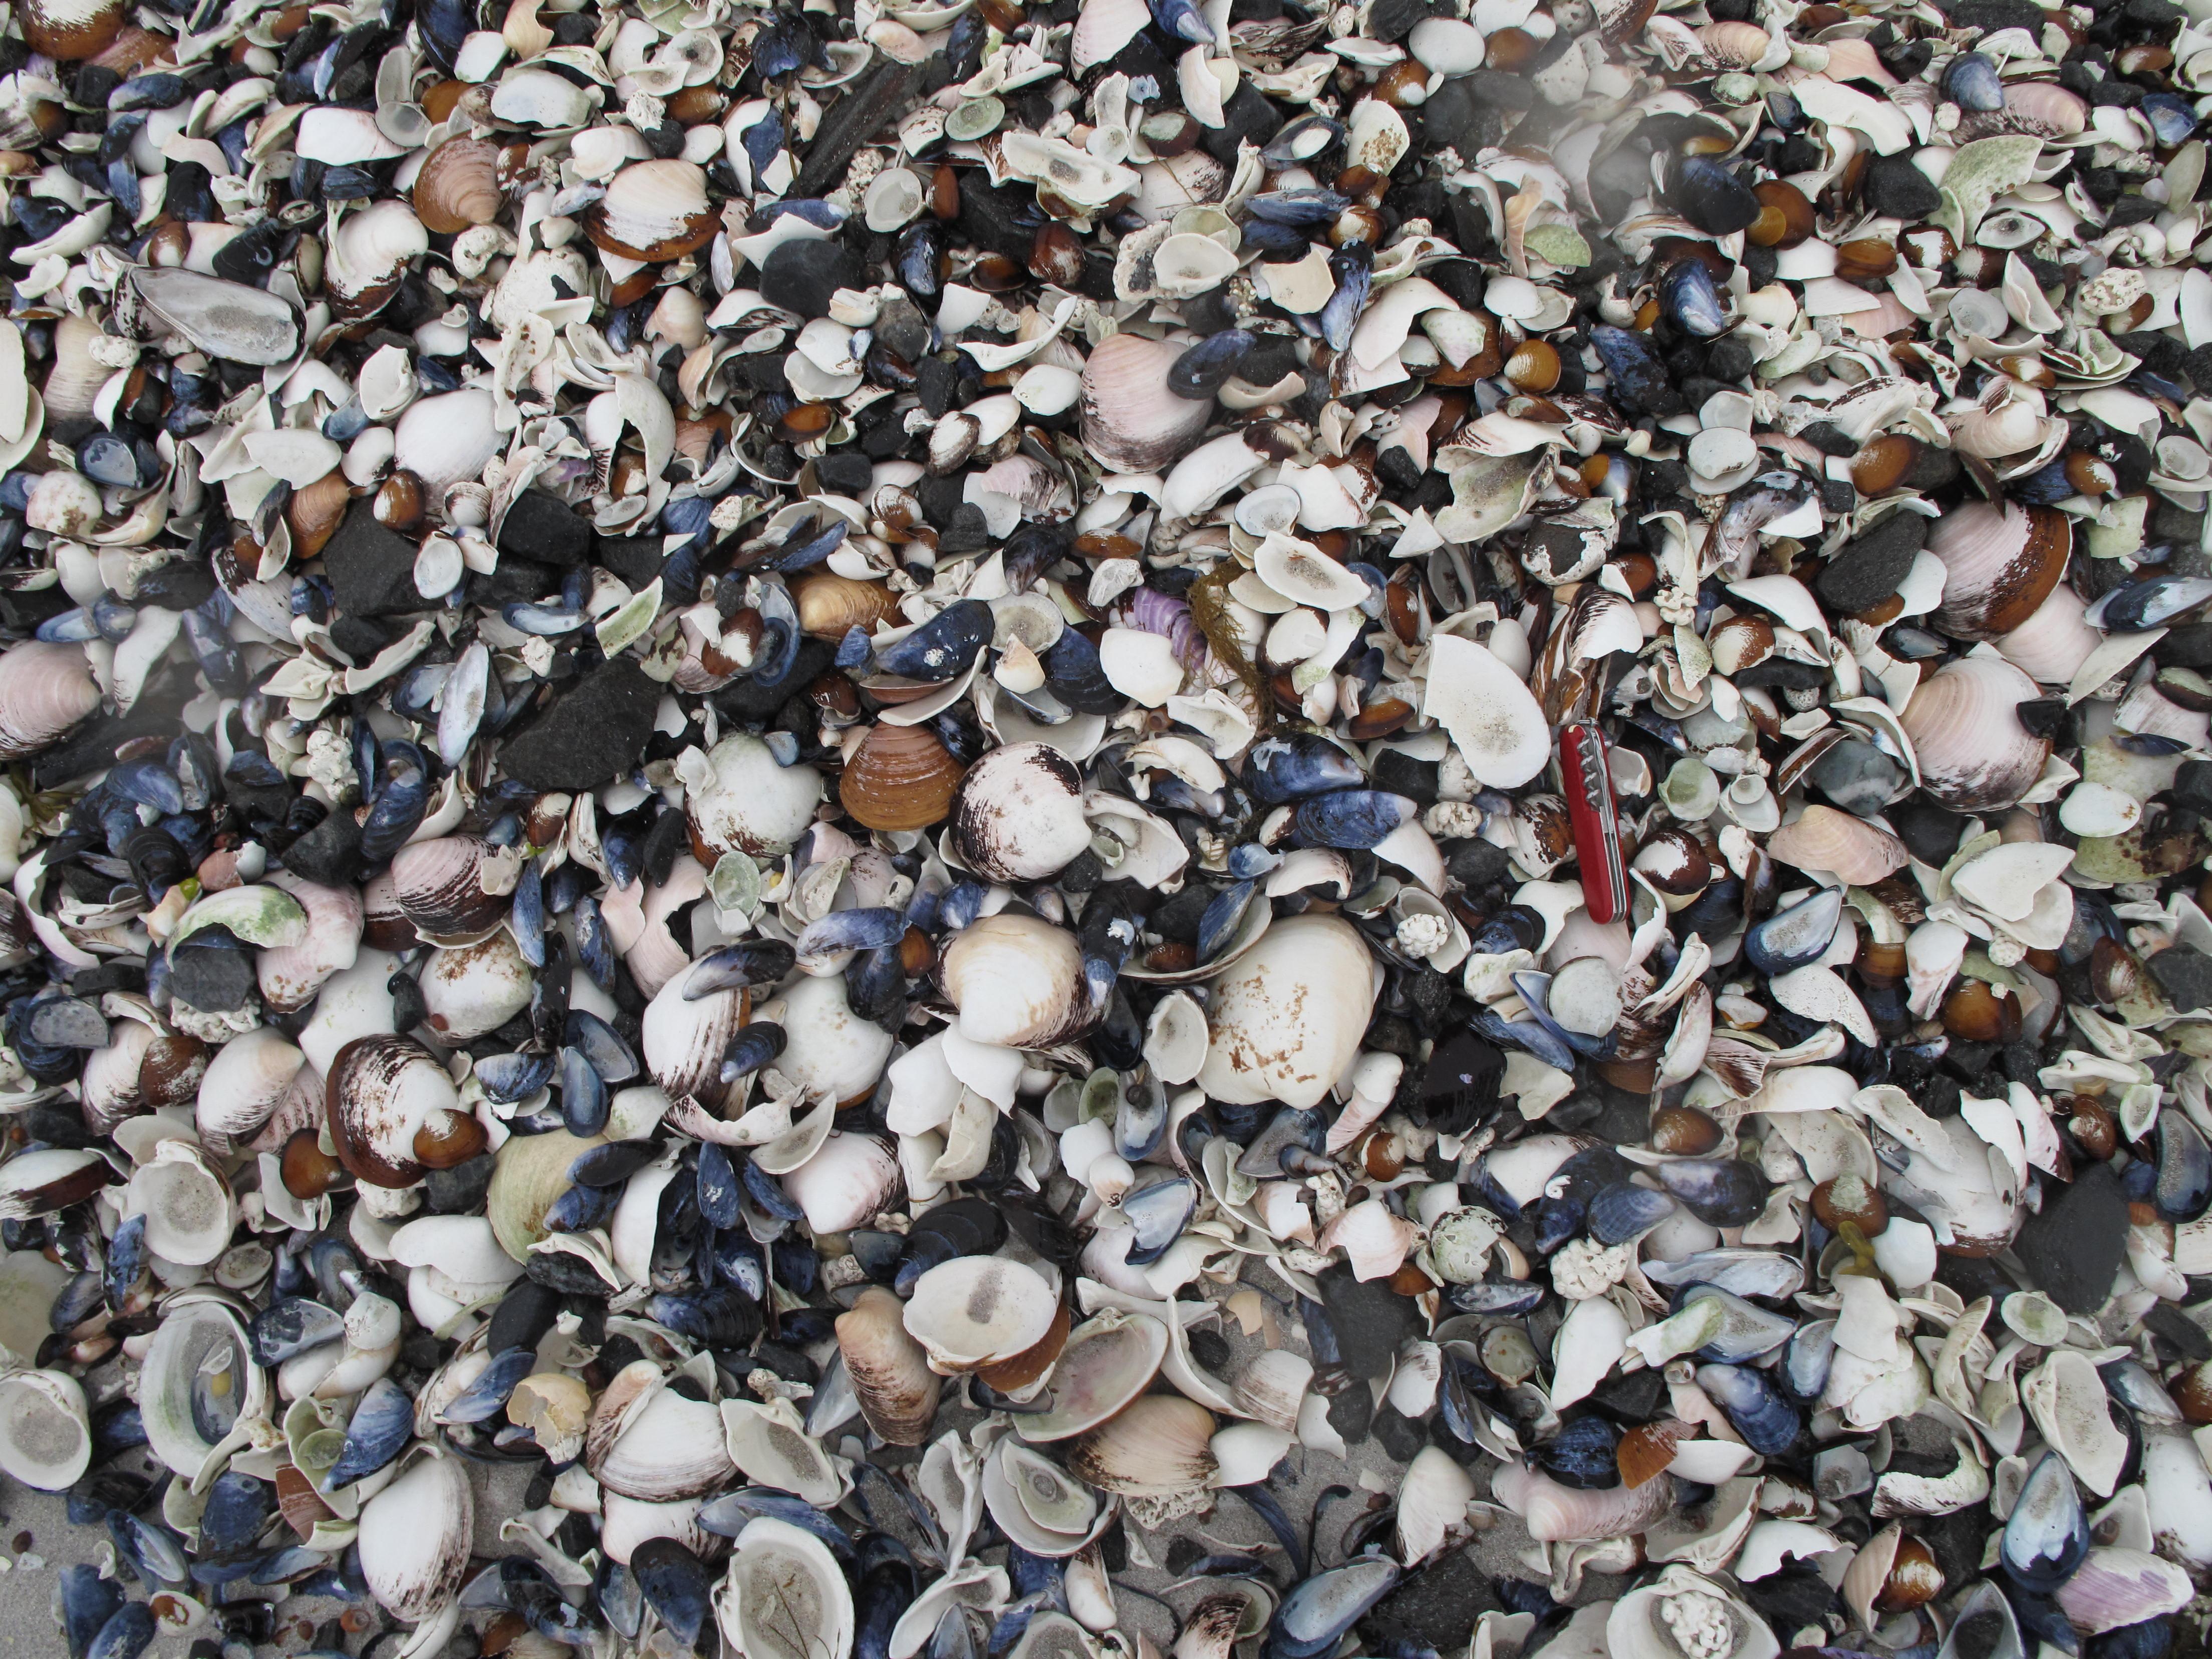 Pile 'o shells on the beach